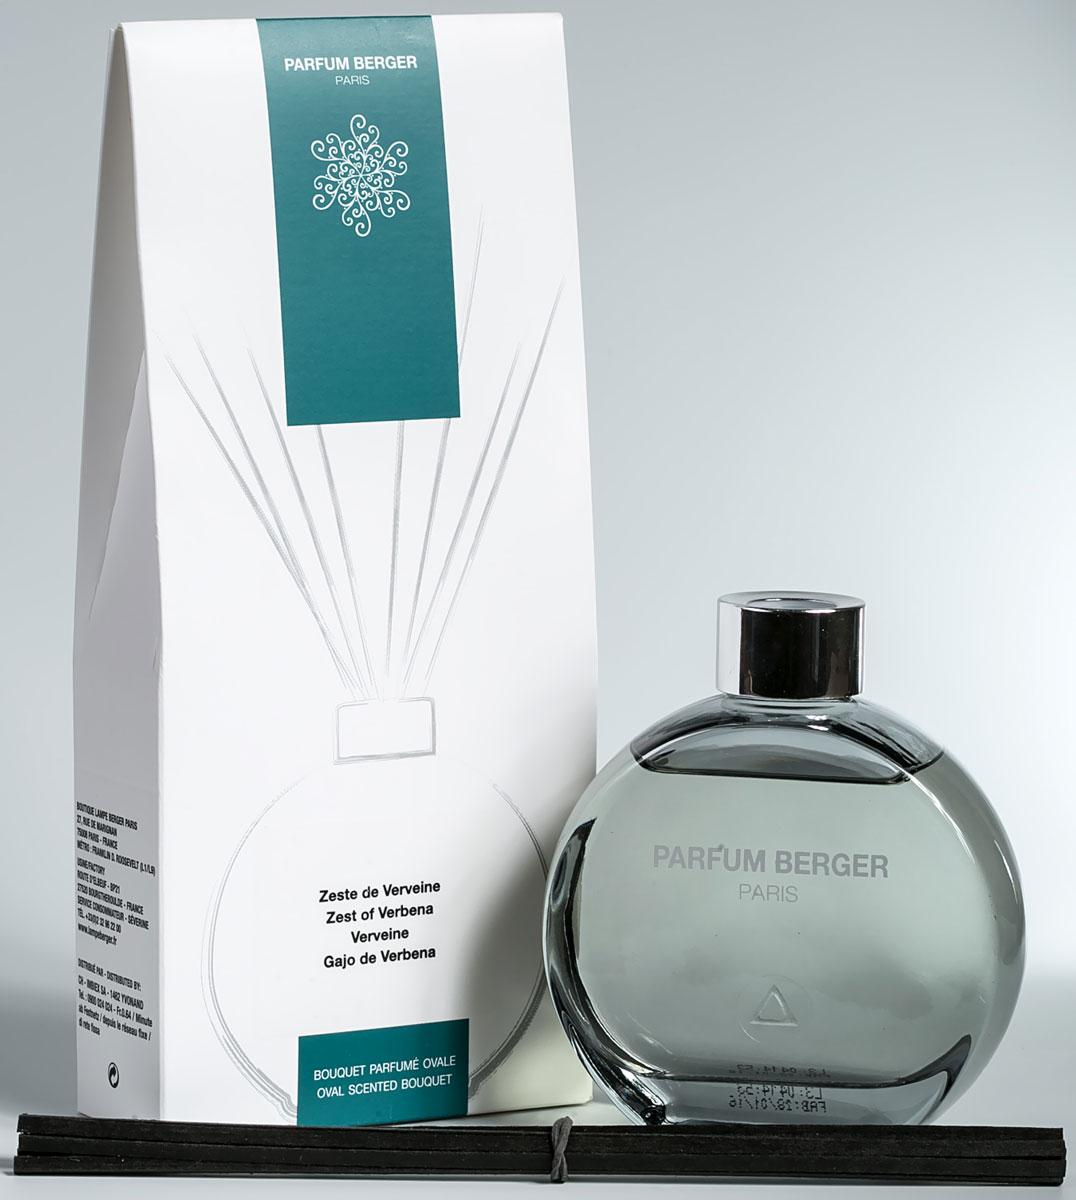 Диффузор ароматический Parfum Berger Цедра вербены, 180 мл2000000047447Комплект состоит из подарочной коробочки, стеклянного флакона, которыйнапоминает по своей форме известные духи от дома ароматов Шанель(Chanel), изысканной аромажидкости и комплекта полимерных палочек.Особенность данных диффузоров в применении инновационных полимерныхпалочек, что эффективнее любых тростниковых в 5 раз, что доказаноисследованиями и тестированием эффективности ароматизации. Остаточныхэффект от аромажидкости остается в полимерных палочках еще напротяжении более 2-х недель и продолжает вас радовать, пока вы не дольетево флакон свой любимый аромат.